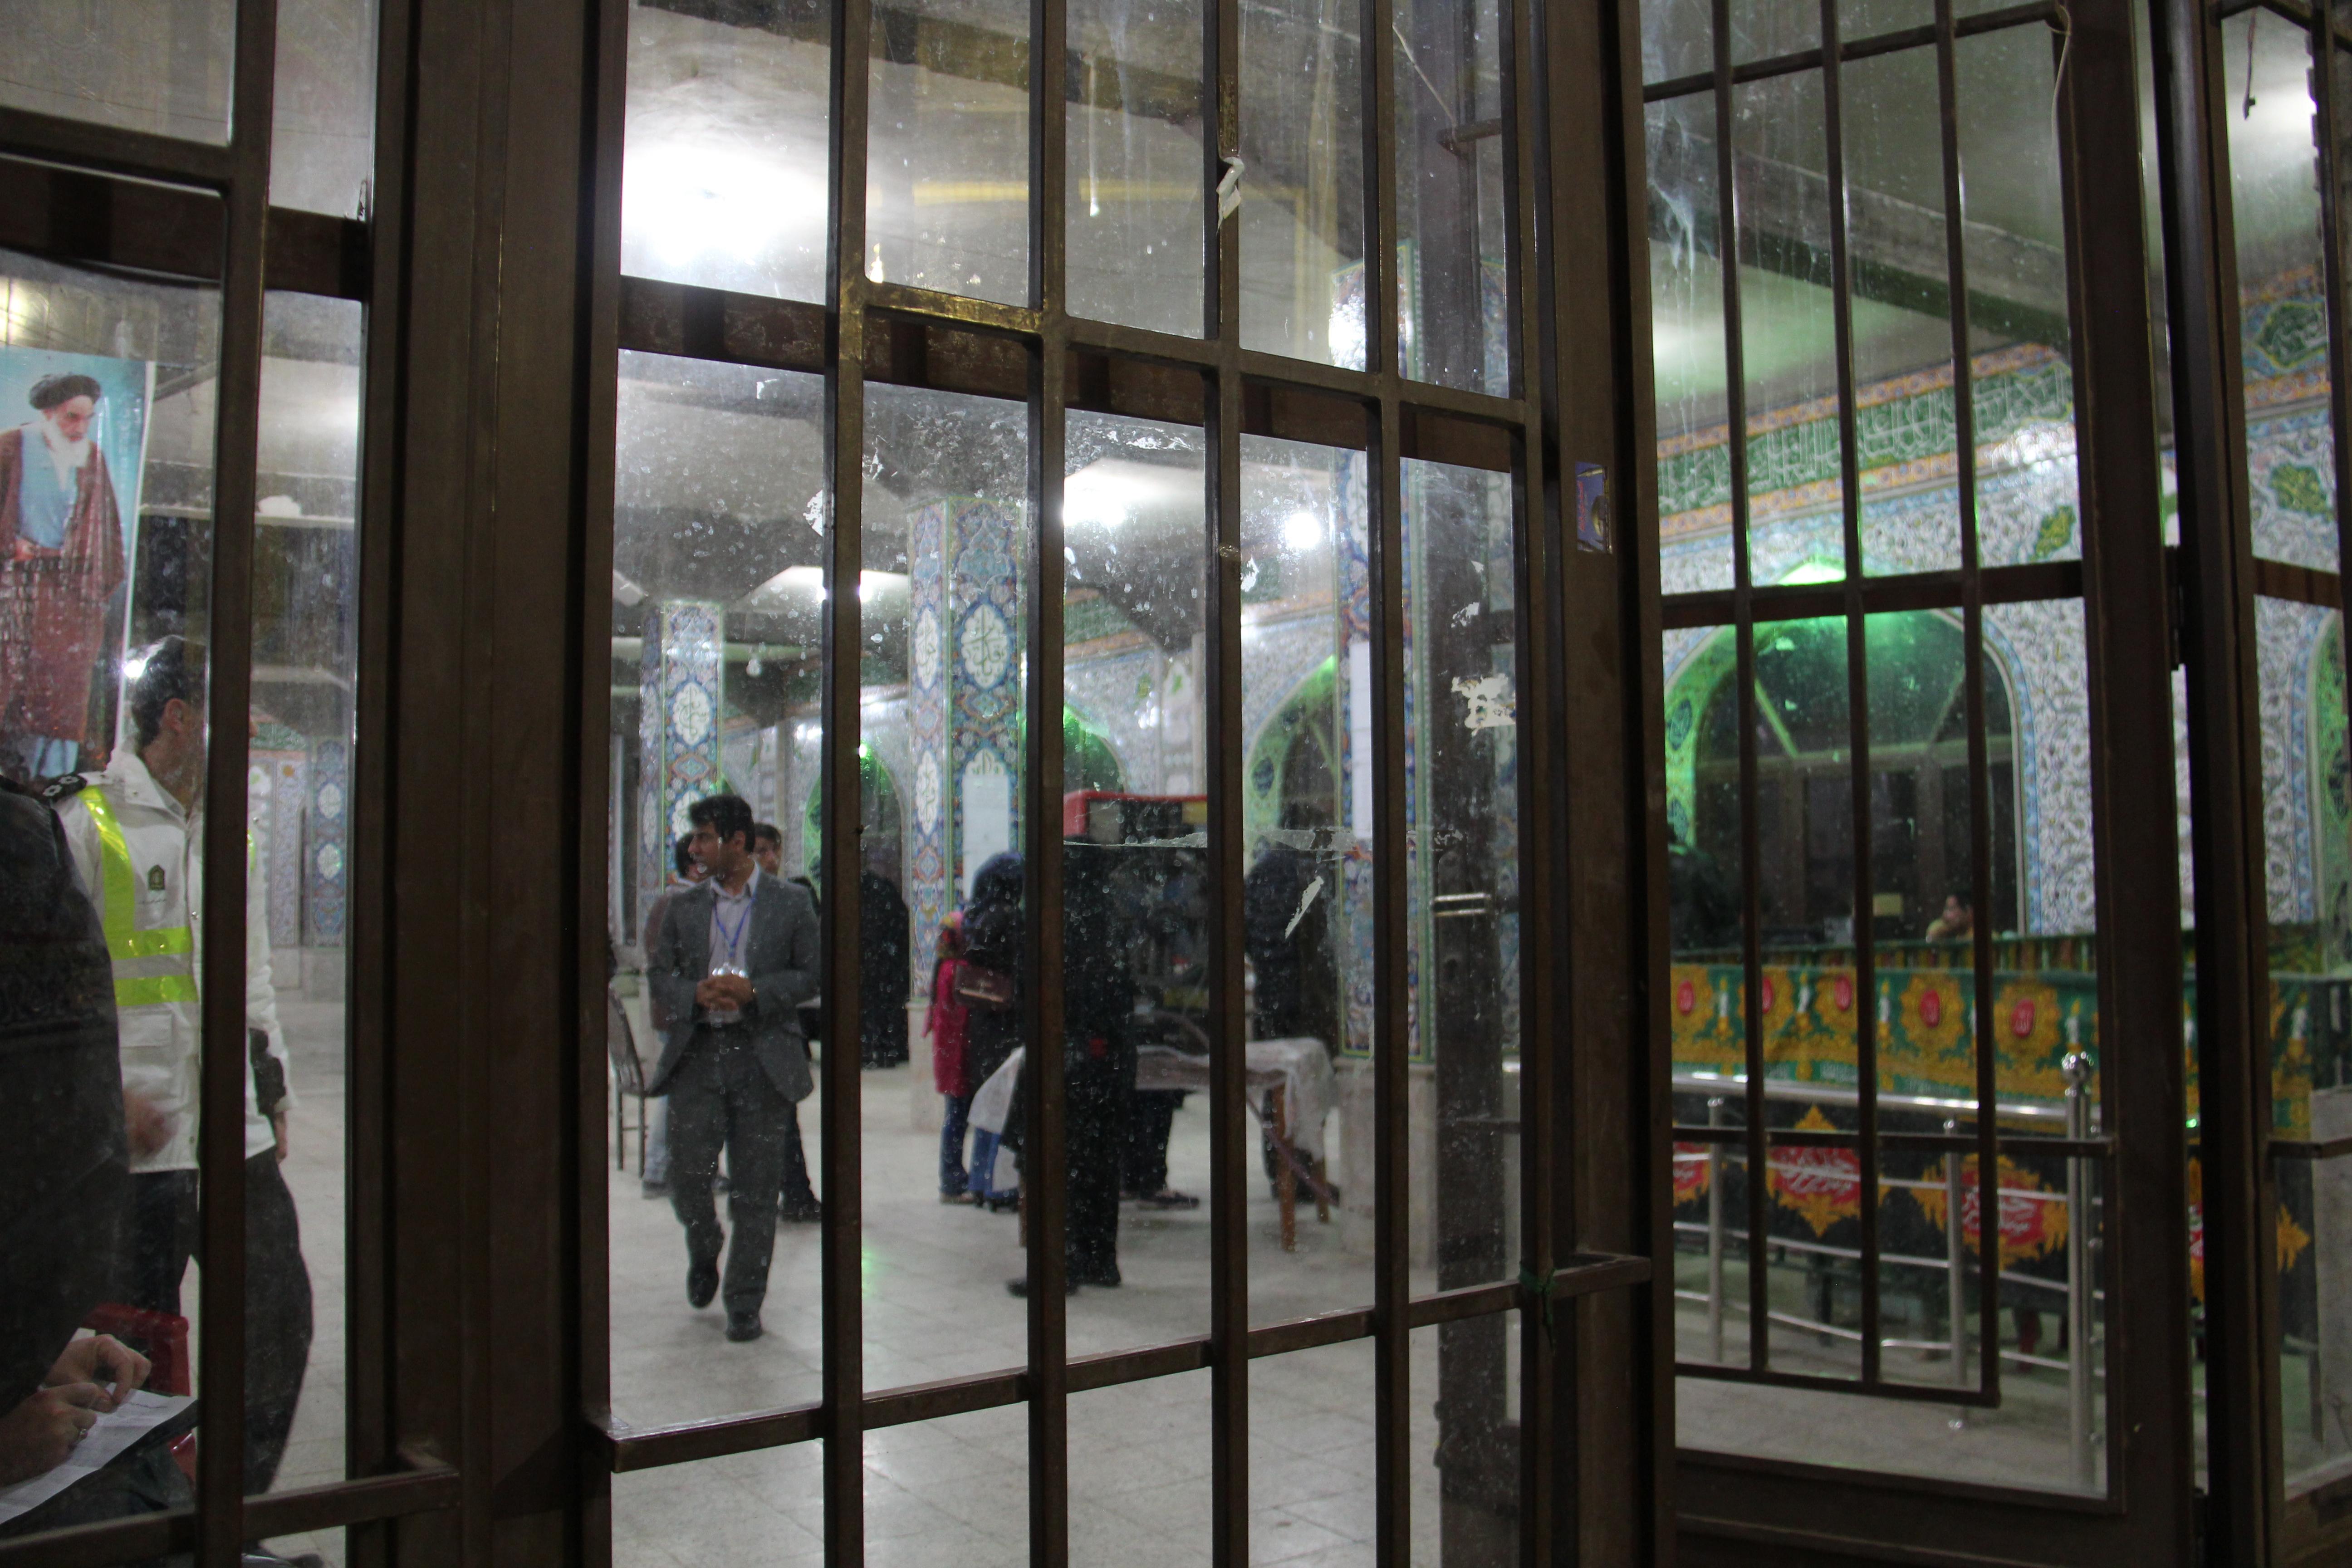 عکس خبری / فضای بسته انتخابات برای خبرنگاران در رفسنجان